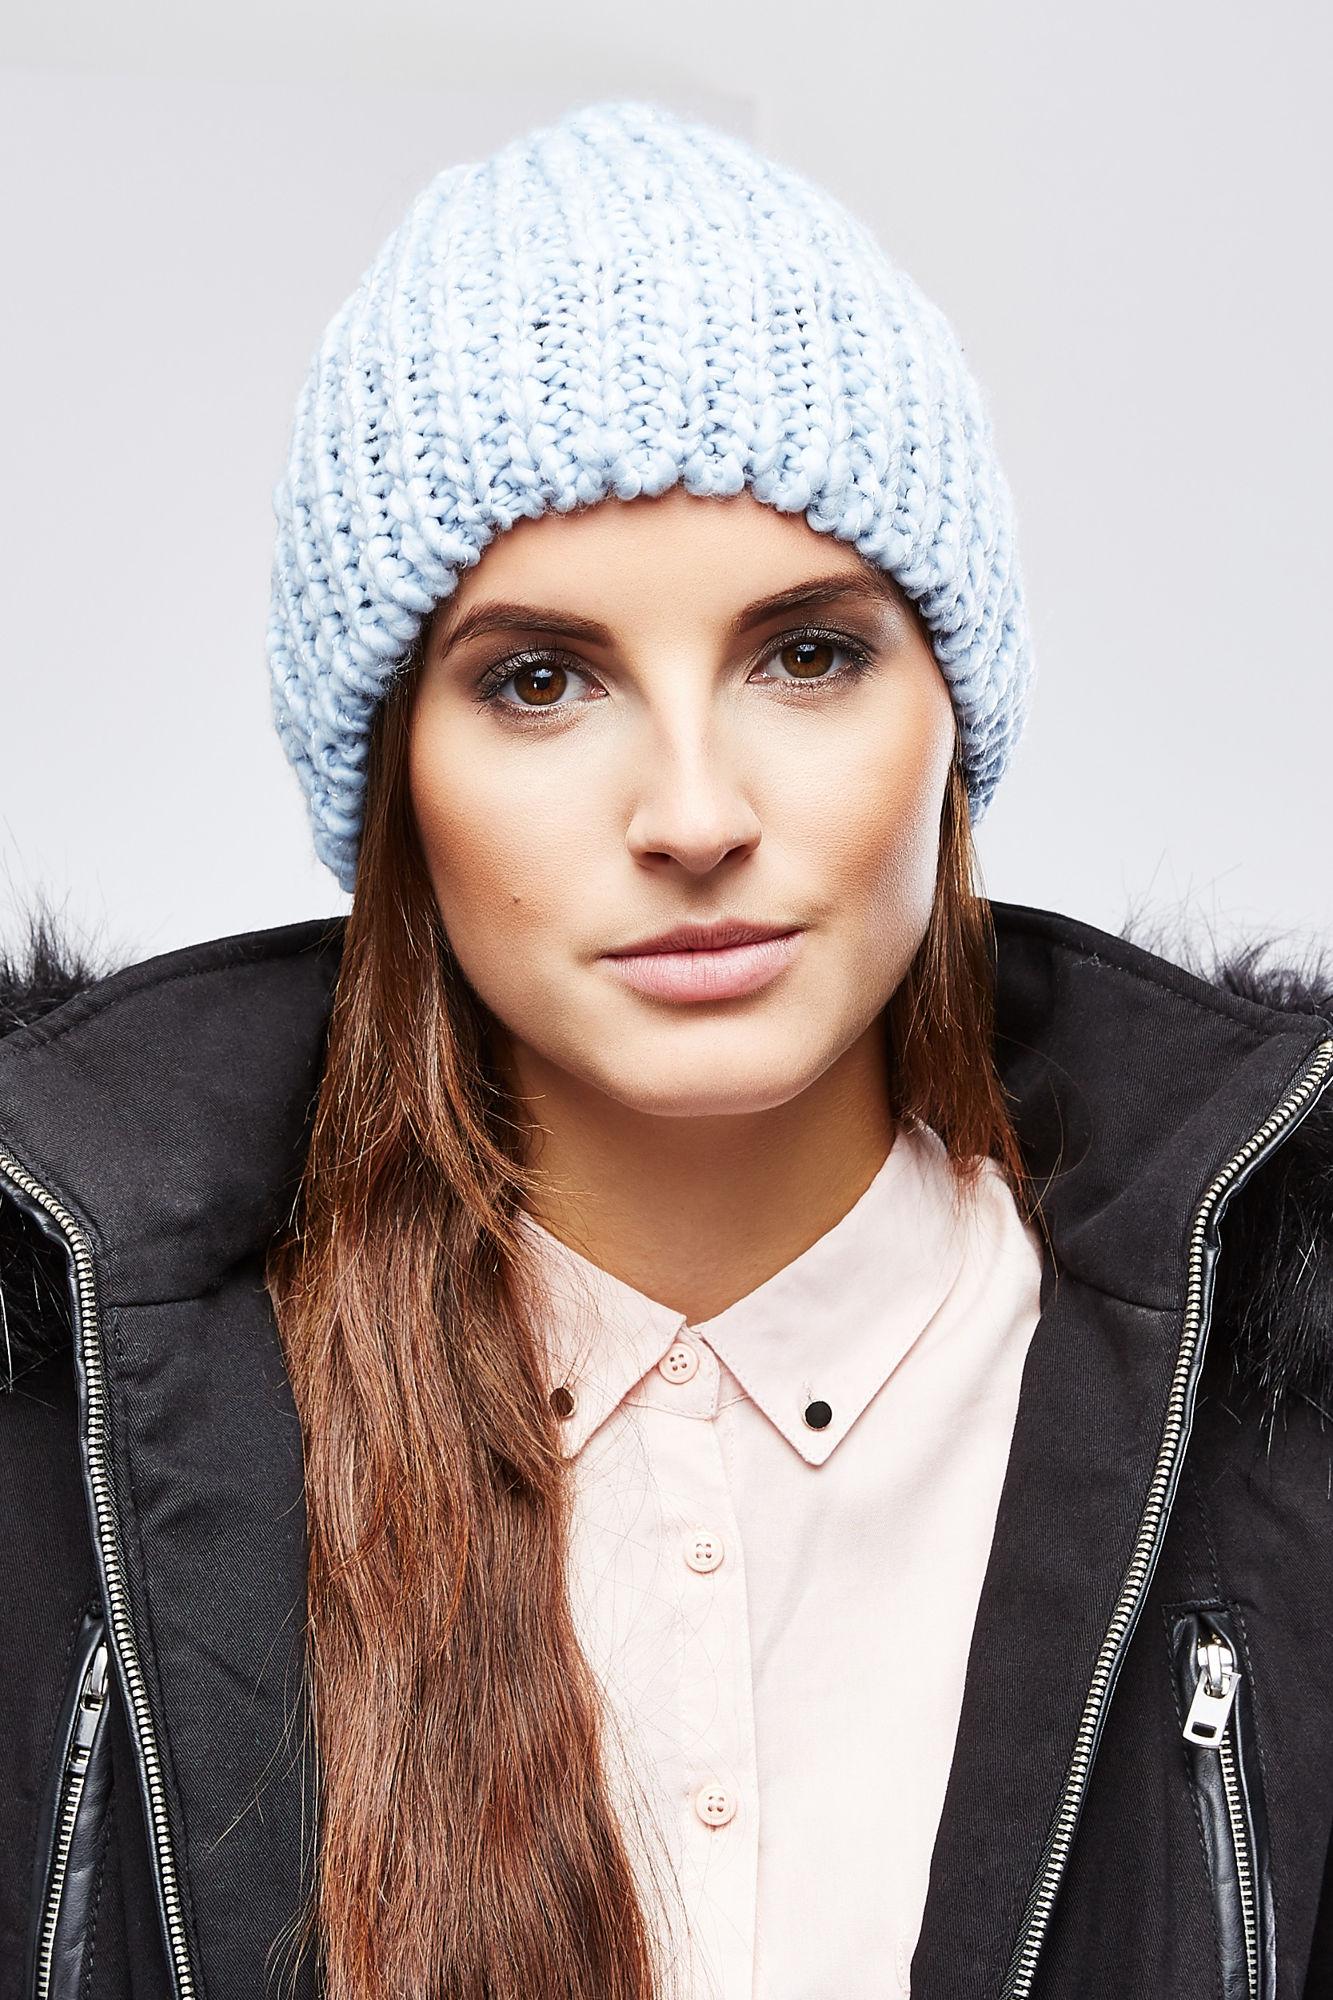 Шапка женская Moodo, цвет: голубой. Z-CZ-1805. Размер универсальныйZ-CZ-1805_L.BLUEВязаная женская шапка Moodo отлично дополнит ваш образ в прохладную погоду. Модель изготовлена из акрила, она необычайно мягкая и приятная на ощупь, максимально сохраняет тепло. Благодаря крупной эластичной вязке, шапка идеально прилегает к голове.По всей поверхности изделие украшено тонкой металлизированной блестящей нитью.Такой стильный и теплый головной убор подчеркнет вашу индивидуальность и станет отличным дополнением к гардеробу!